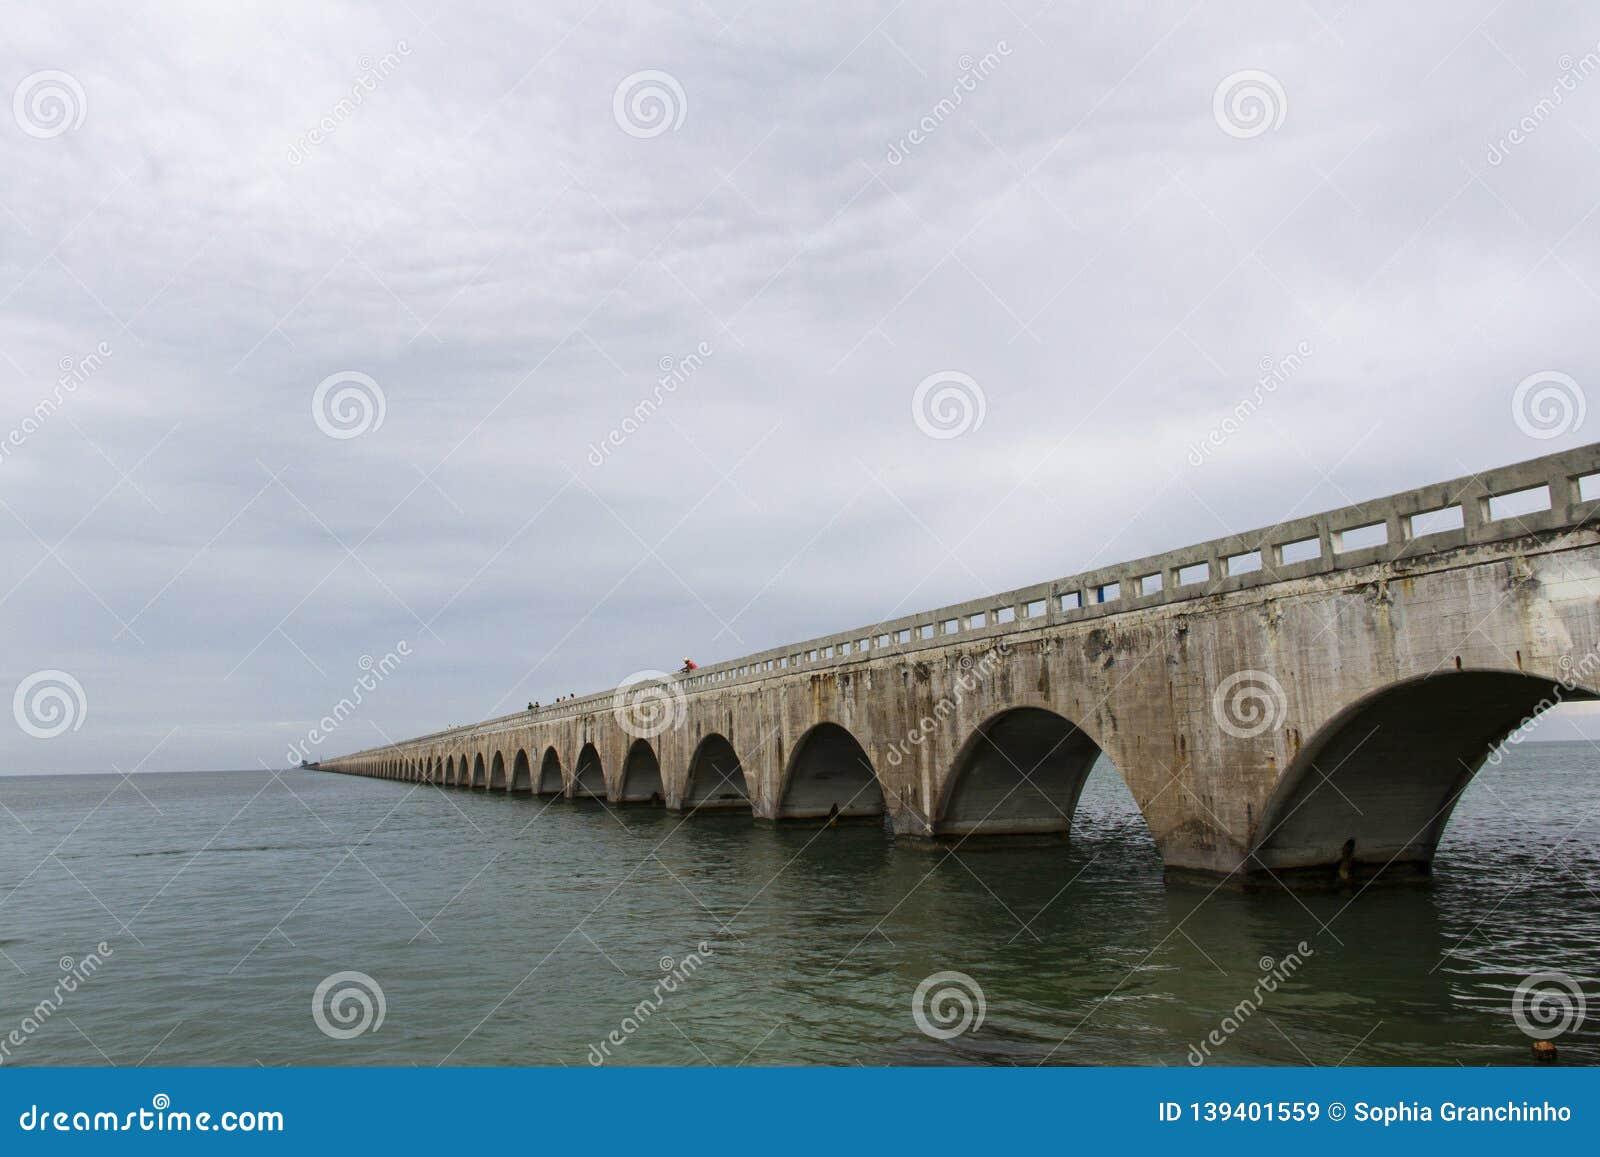 Die sieben Meilen-Brücke ist eine berühmte Brücke in den Florida-Schlüsseln, ungefähr 10 9 Kilometer lang